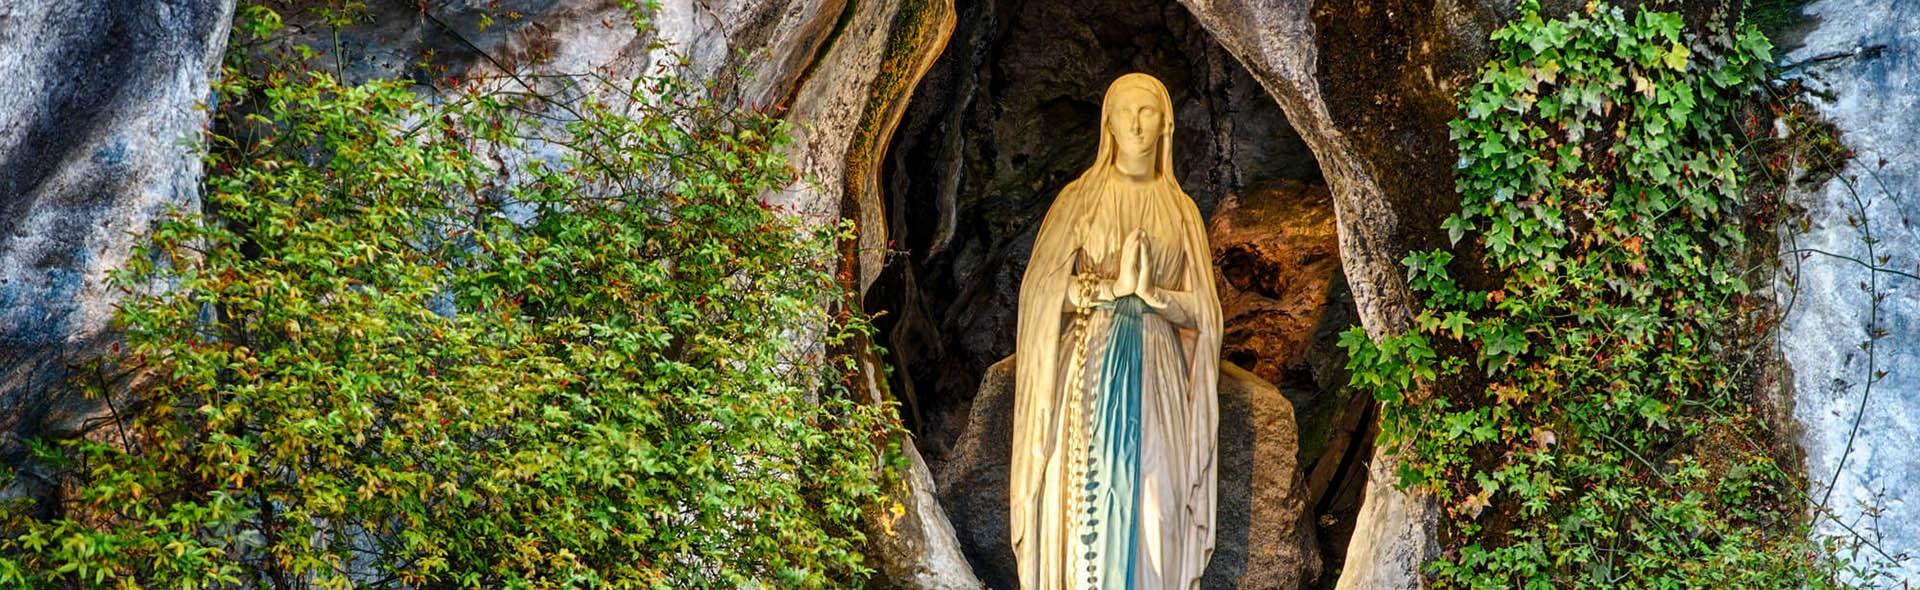 Viaggio a Lourdes in Aereo da Milano 2 Giugno